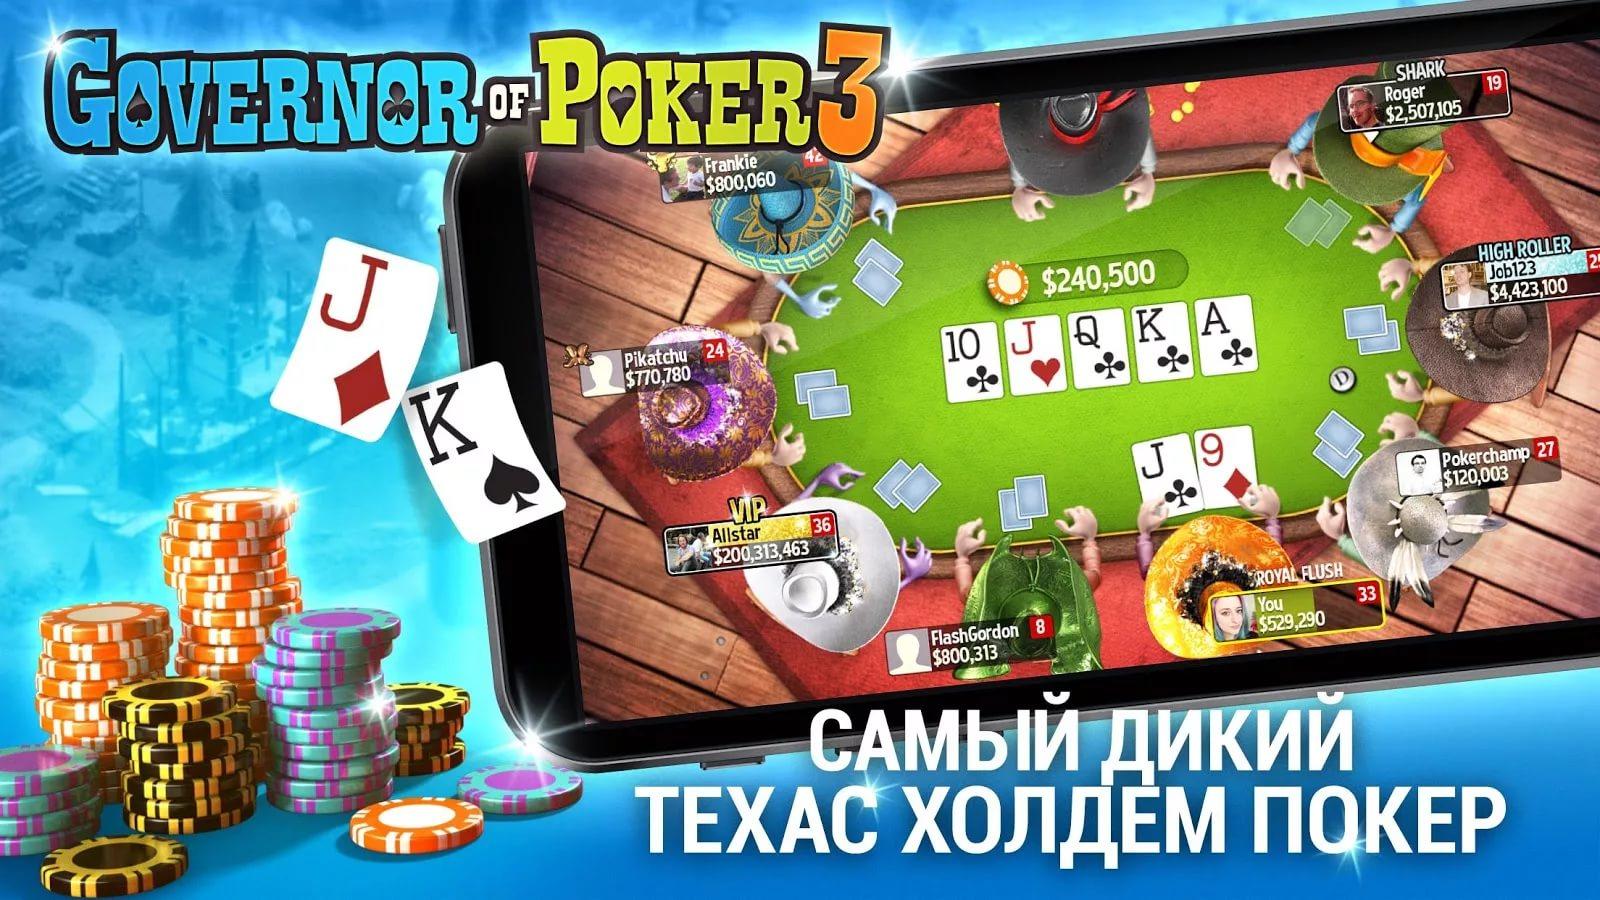 Видео о покере на русском онлайн бесплатно играть игровые автоматы новоматик